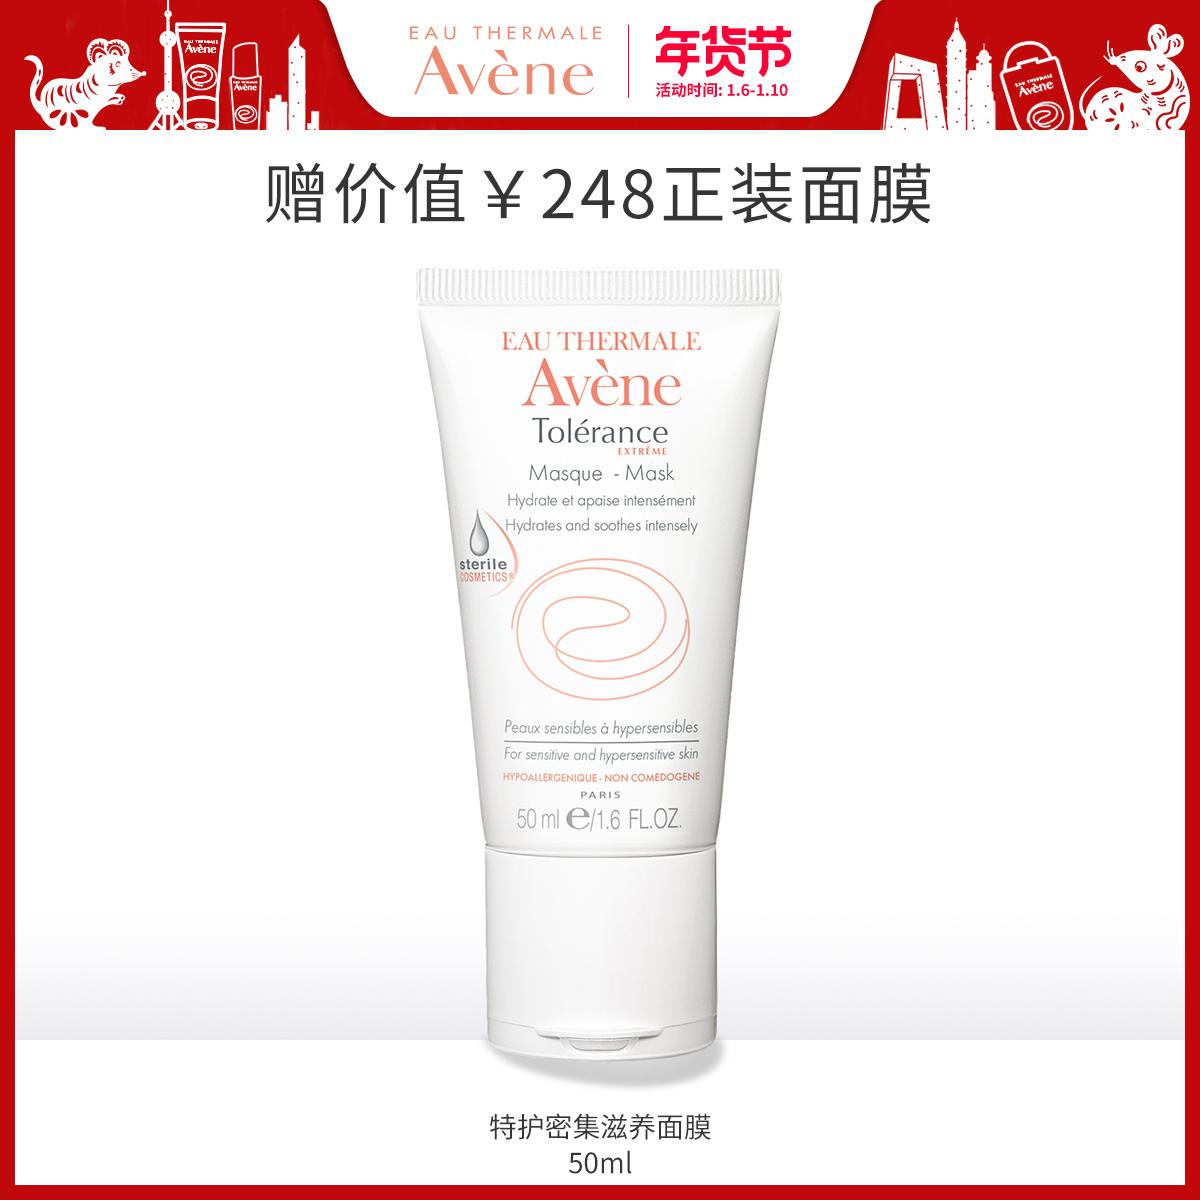 雅漾修护舒缓保湿霜50ml 敏感肌补水保湿舒缓肌肤乳液面霜正品女